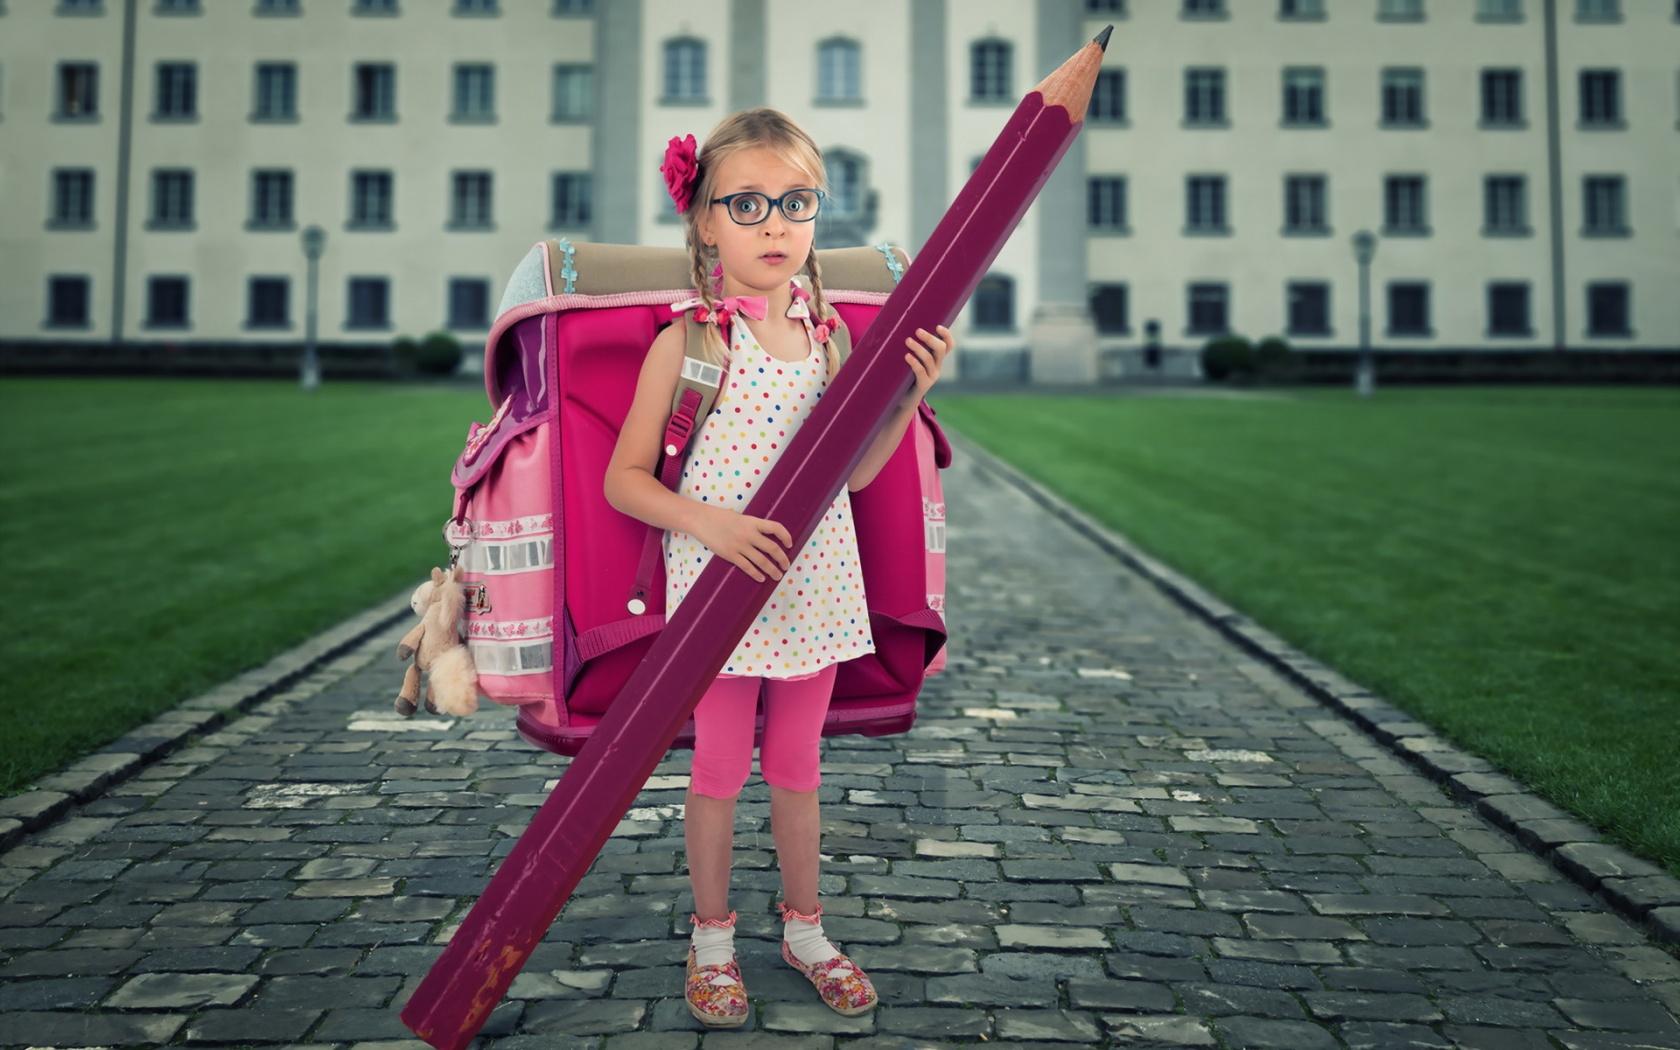 Школьный парадокс: Девочки учатся лучше, зато мальчики - более счастливы